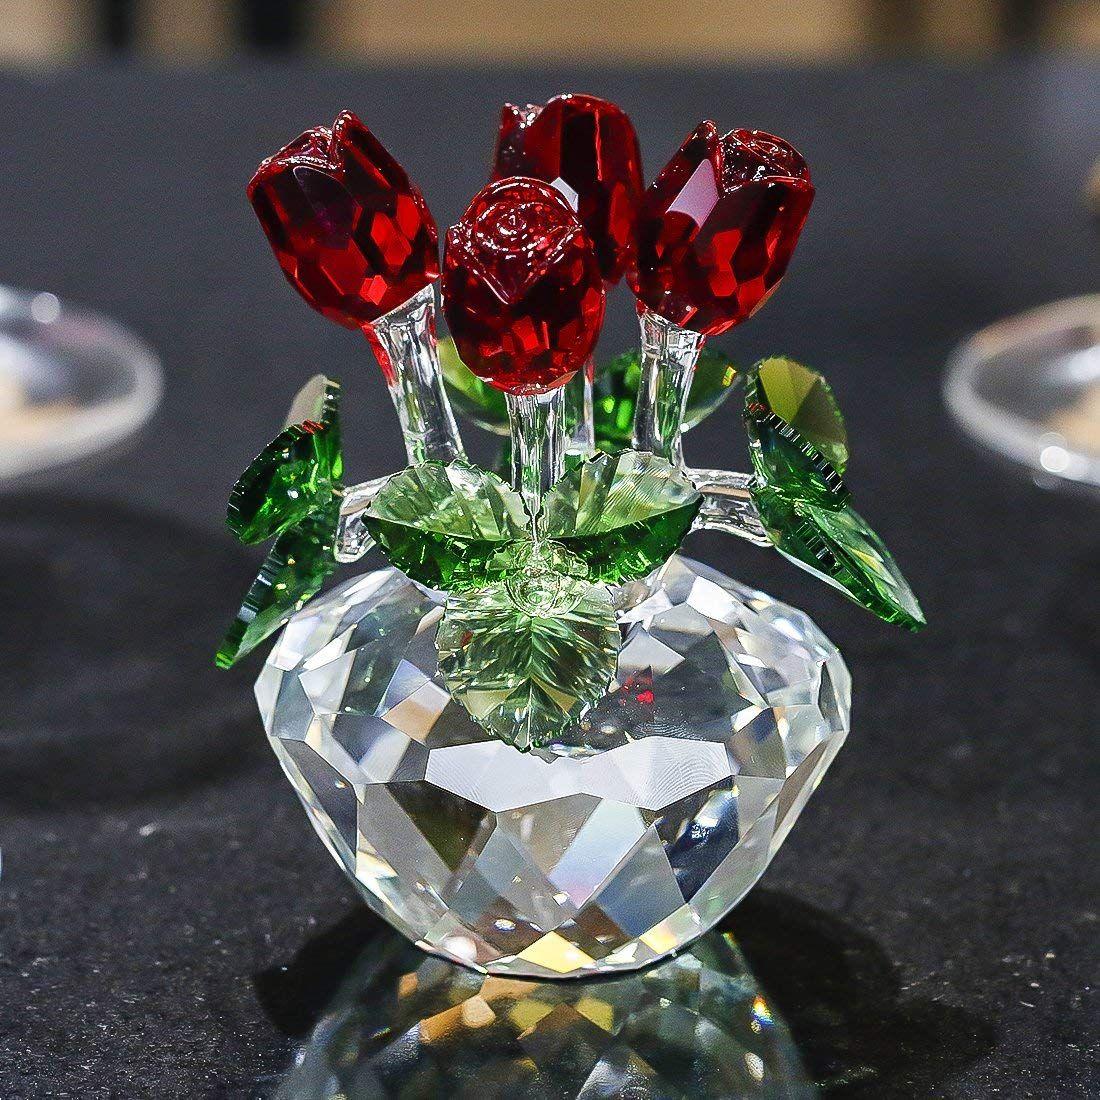 H D Spring Bouquet Crystal Glass Flowers Red Rose Figurine Ornament Gift Boxed Amazon Co Uk Kitchen H Bouquet De Roses Cadeau Pour Petit Ami Rose Eternelle